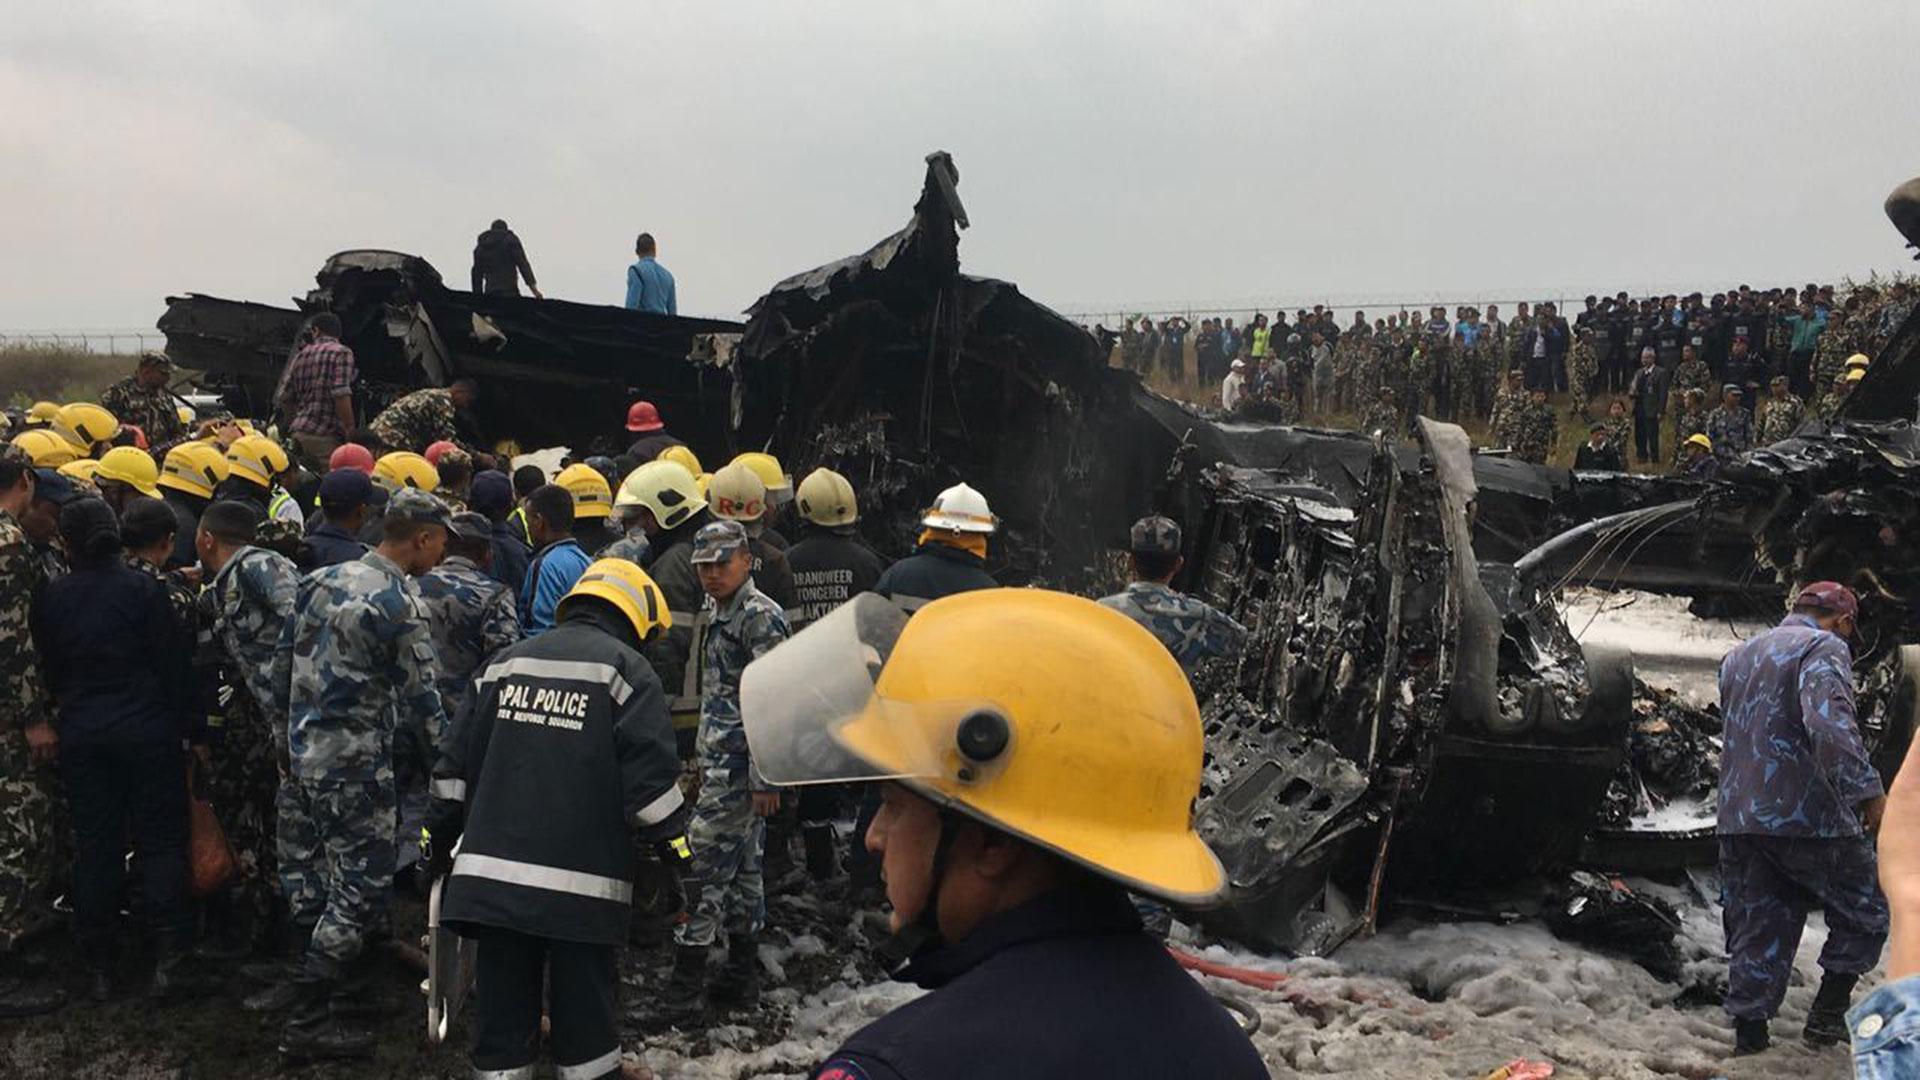 Los equipos de emergencia asistidos por militares trabajan pararetirar los cuerpos